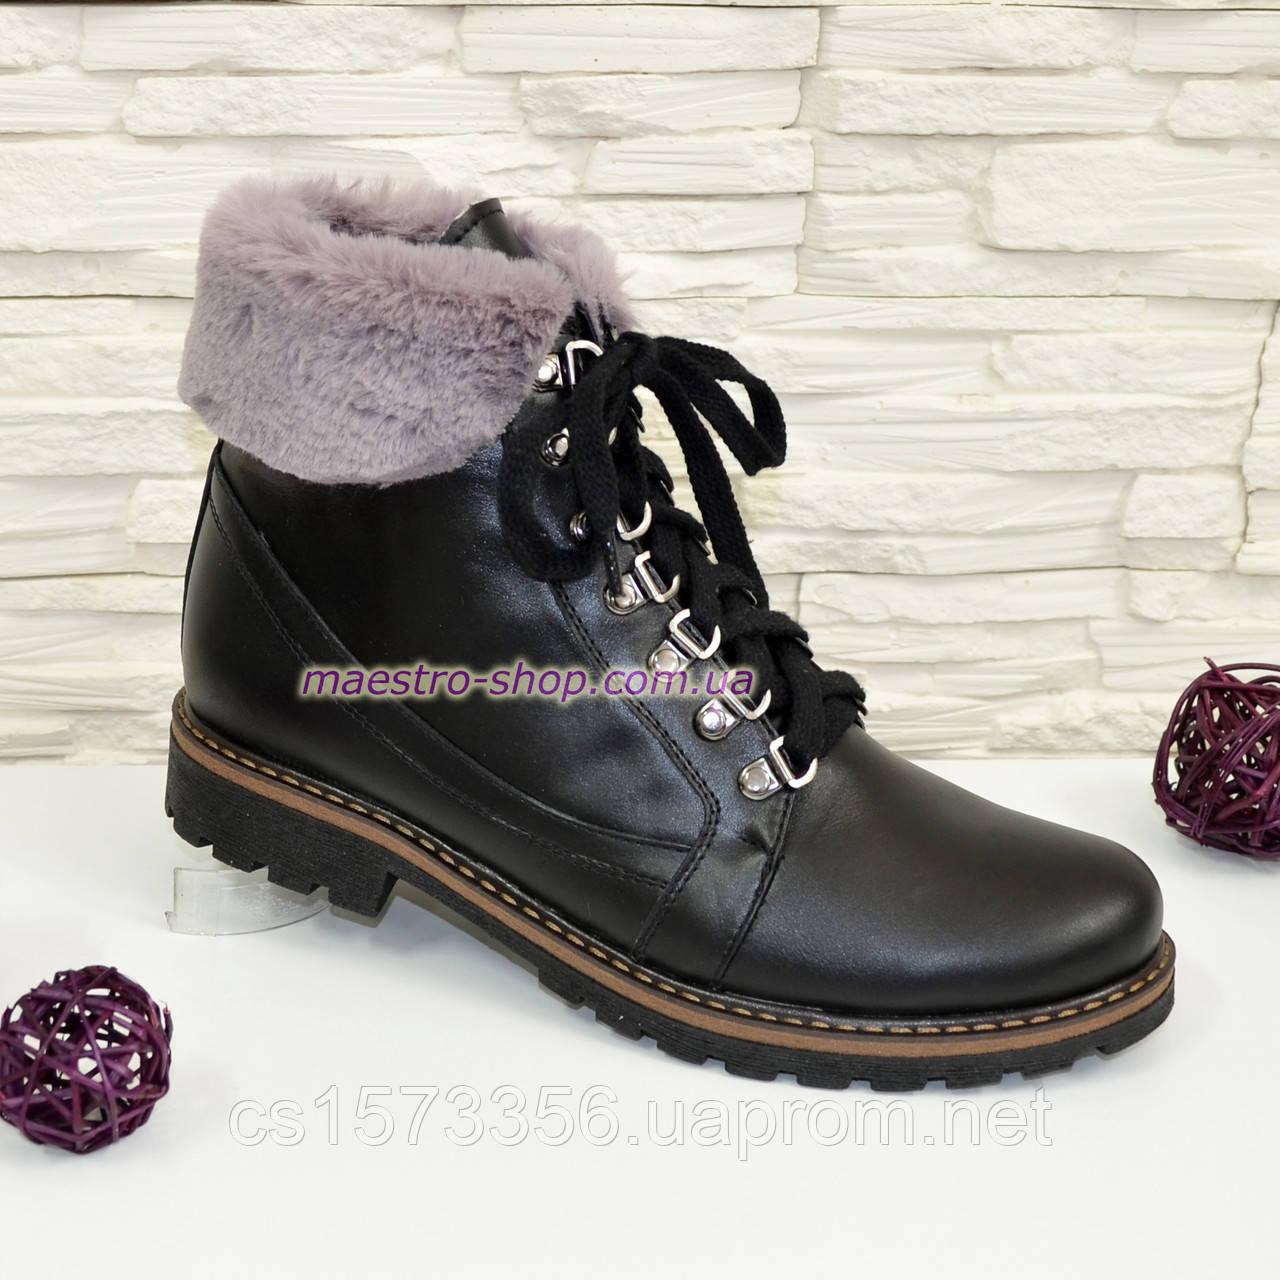 Ботинки женские кожаные зимние на прочной утолщенной подошве